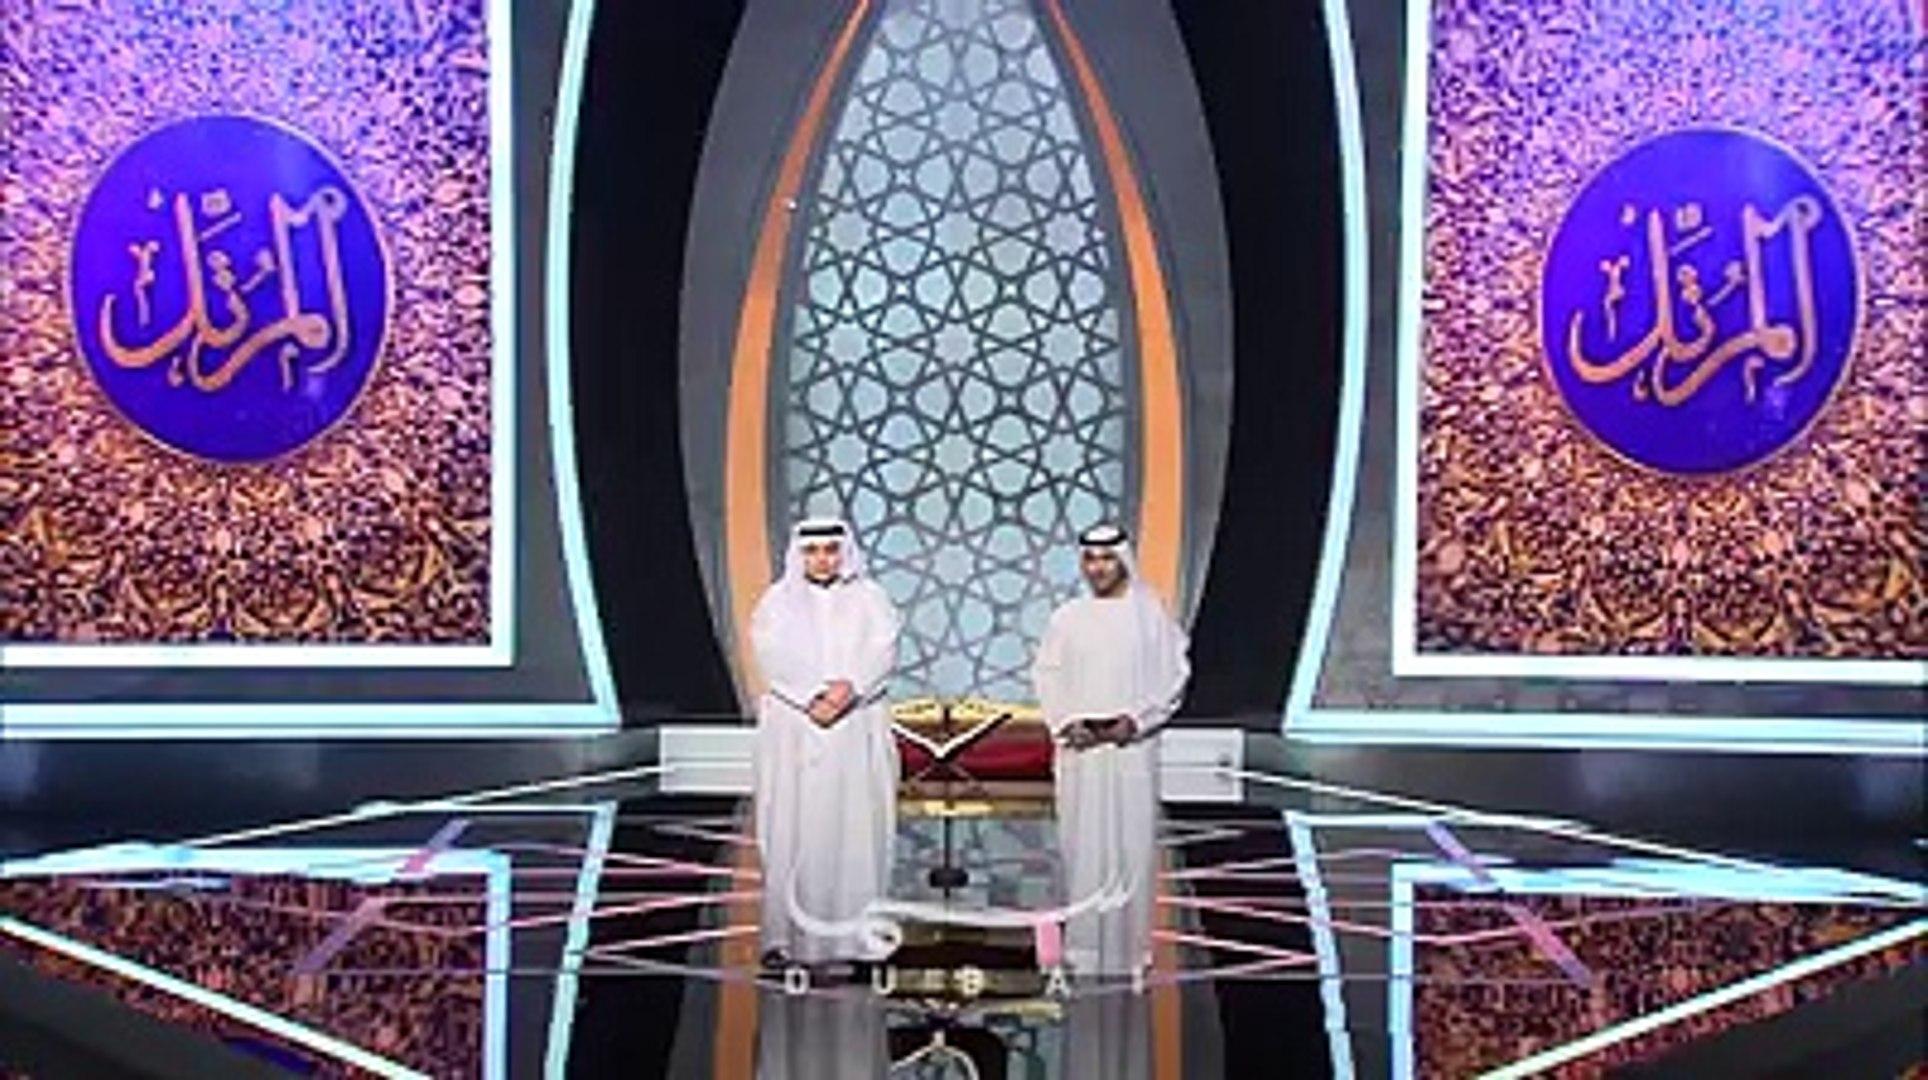 ندعوكم للمشاركة في هاشتاق #المرتل لإختيار أفضل مرتل للقران الكريم في الوطن العربي فقط وحصرياً على قن